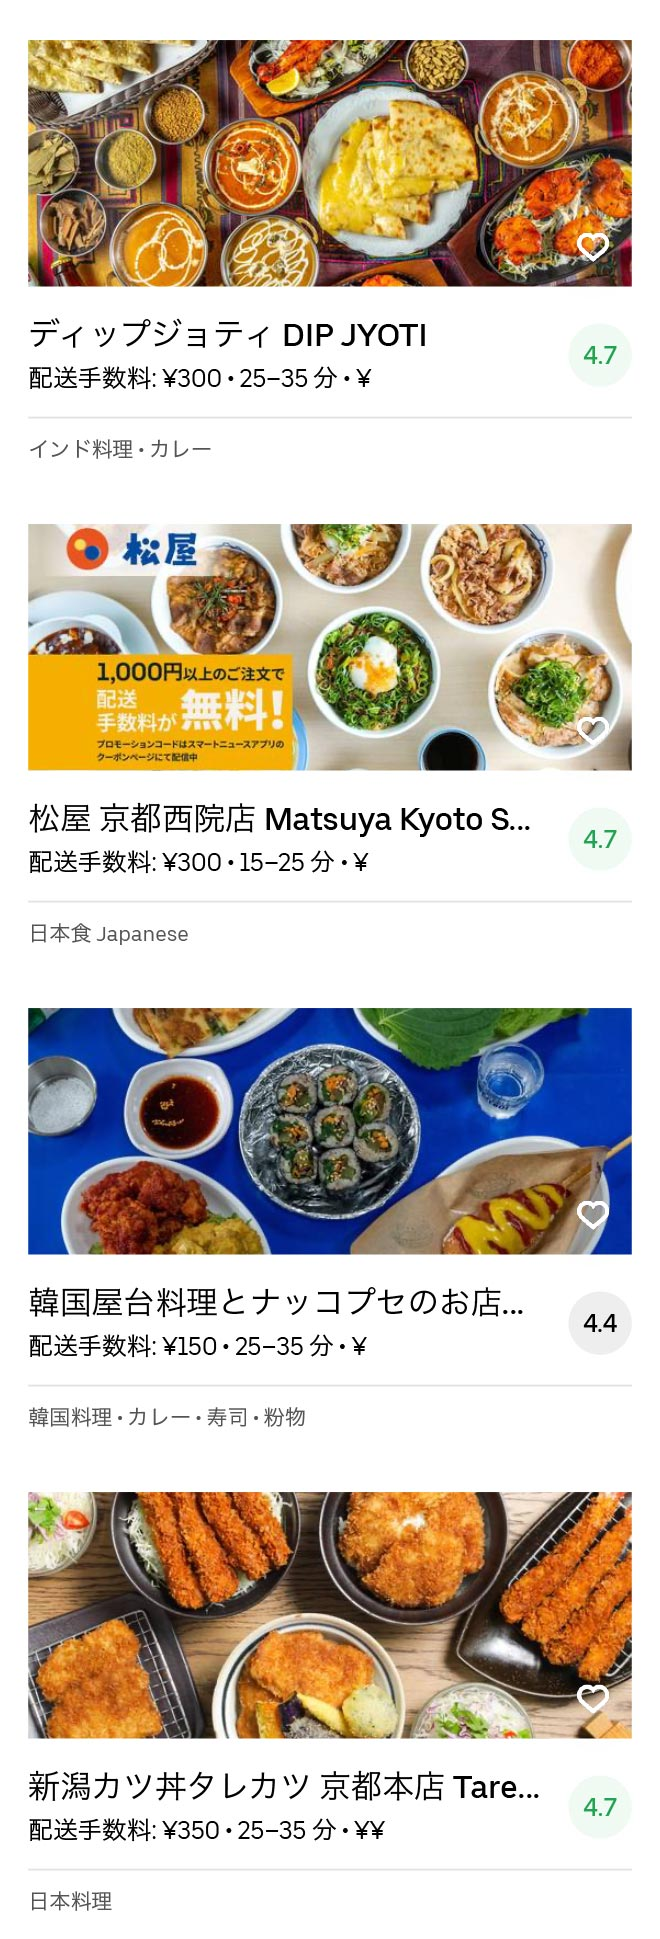 Kyoto nishioji menu 2005 12